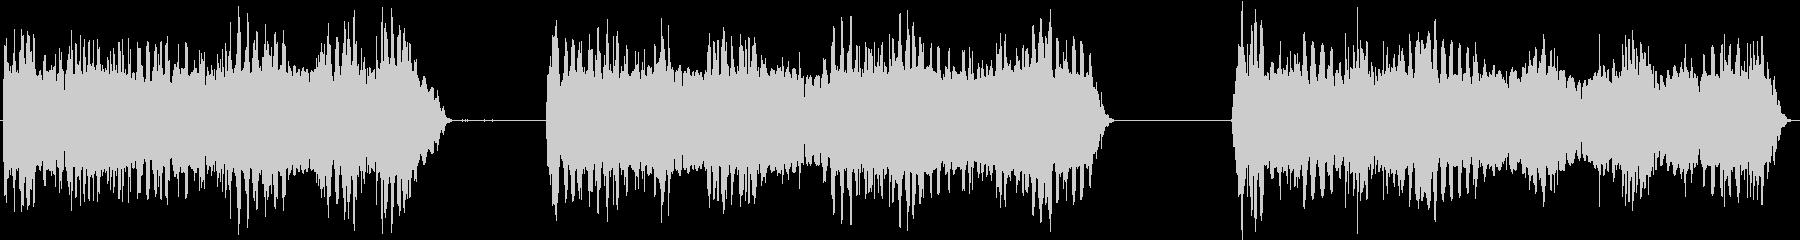 トーンシンセランダムの未再生の波形